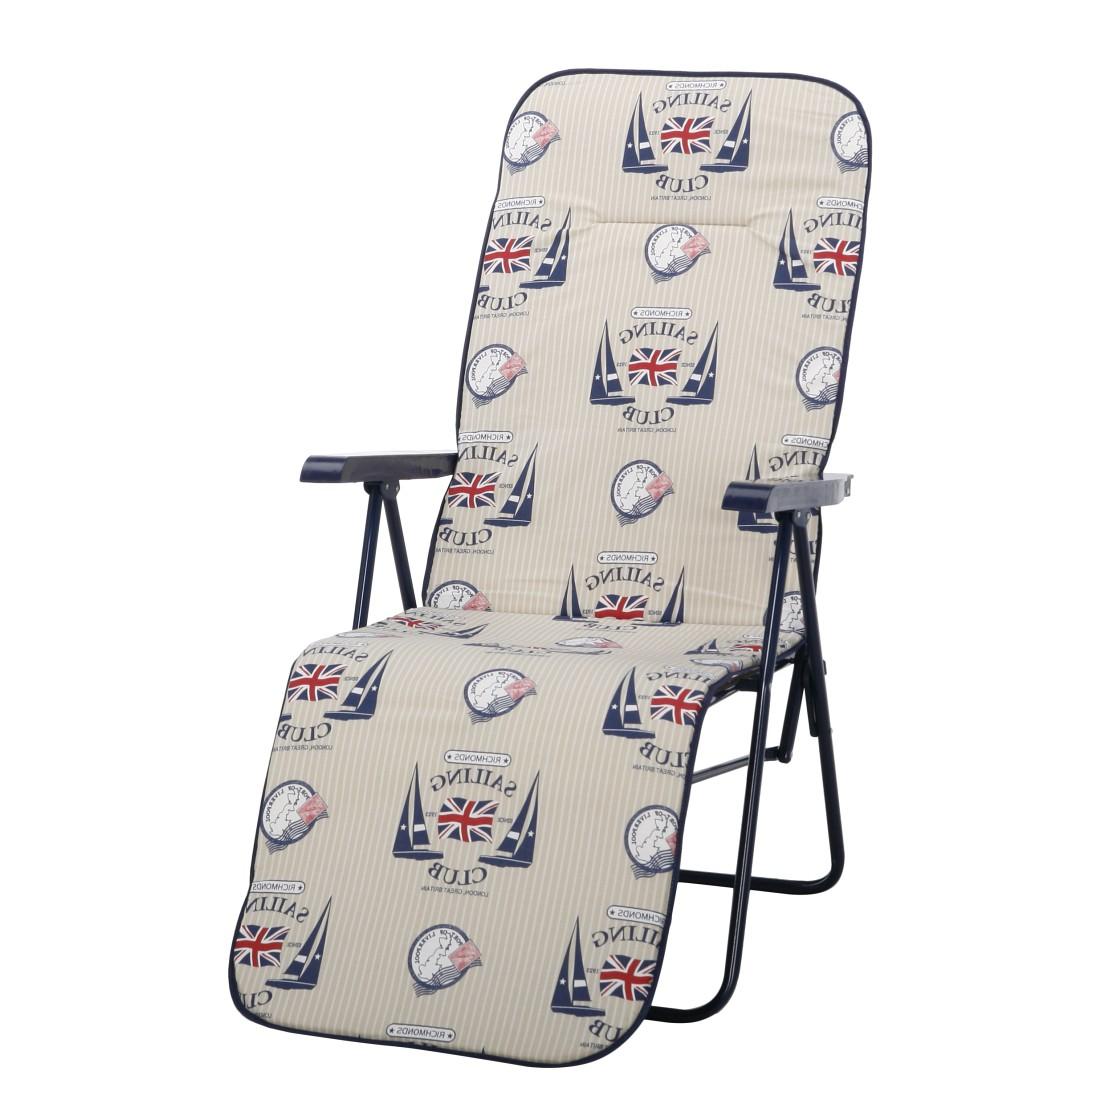 Liegestuhl Chiemsee (inkl. Polsterauflage) - Stahlrohr/Textil - Weiß/Blau-Beige Motiv, Best Freizeitmöbel